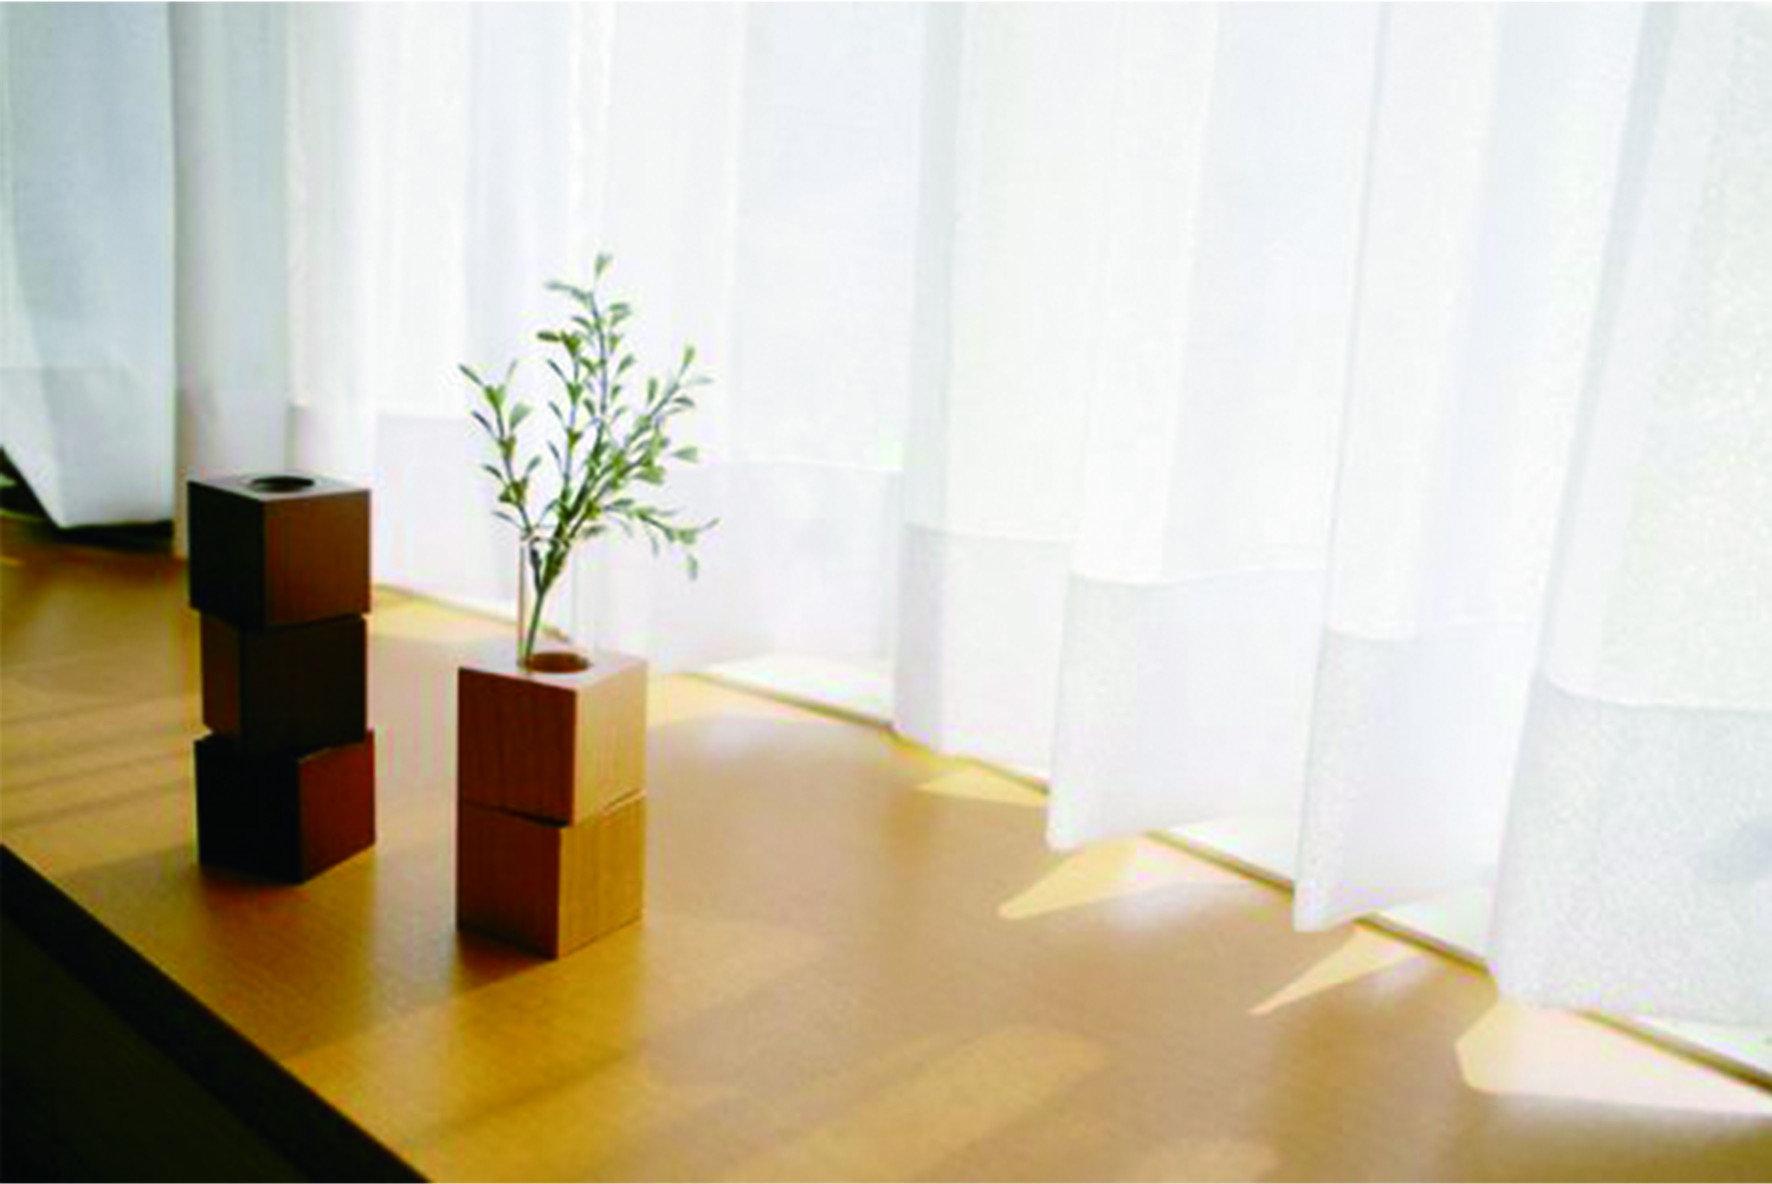 空氣品質比你想的重要,台灣空氣污染嚴重,三天兩頭「紫爆」,無論大人小孩都深受其害。但減少出門、緊閉門窗,真的就能遠離空汙嗎?事實上,室內空氣無法換氣、缺乏流通,反而會使髒空氣在室內流通, 使大人小孩飽受過敏折磨。